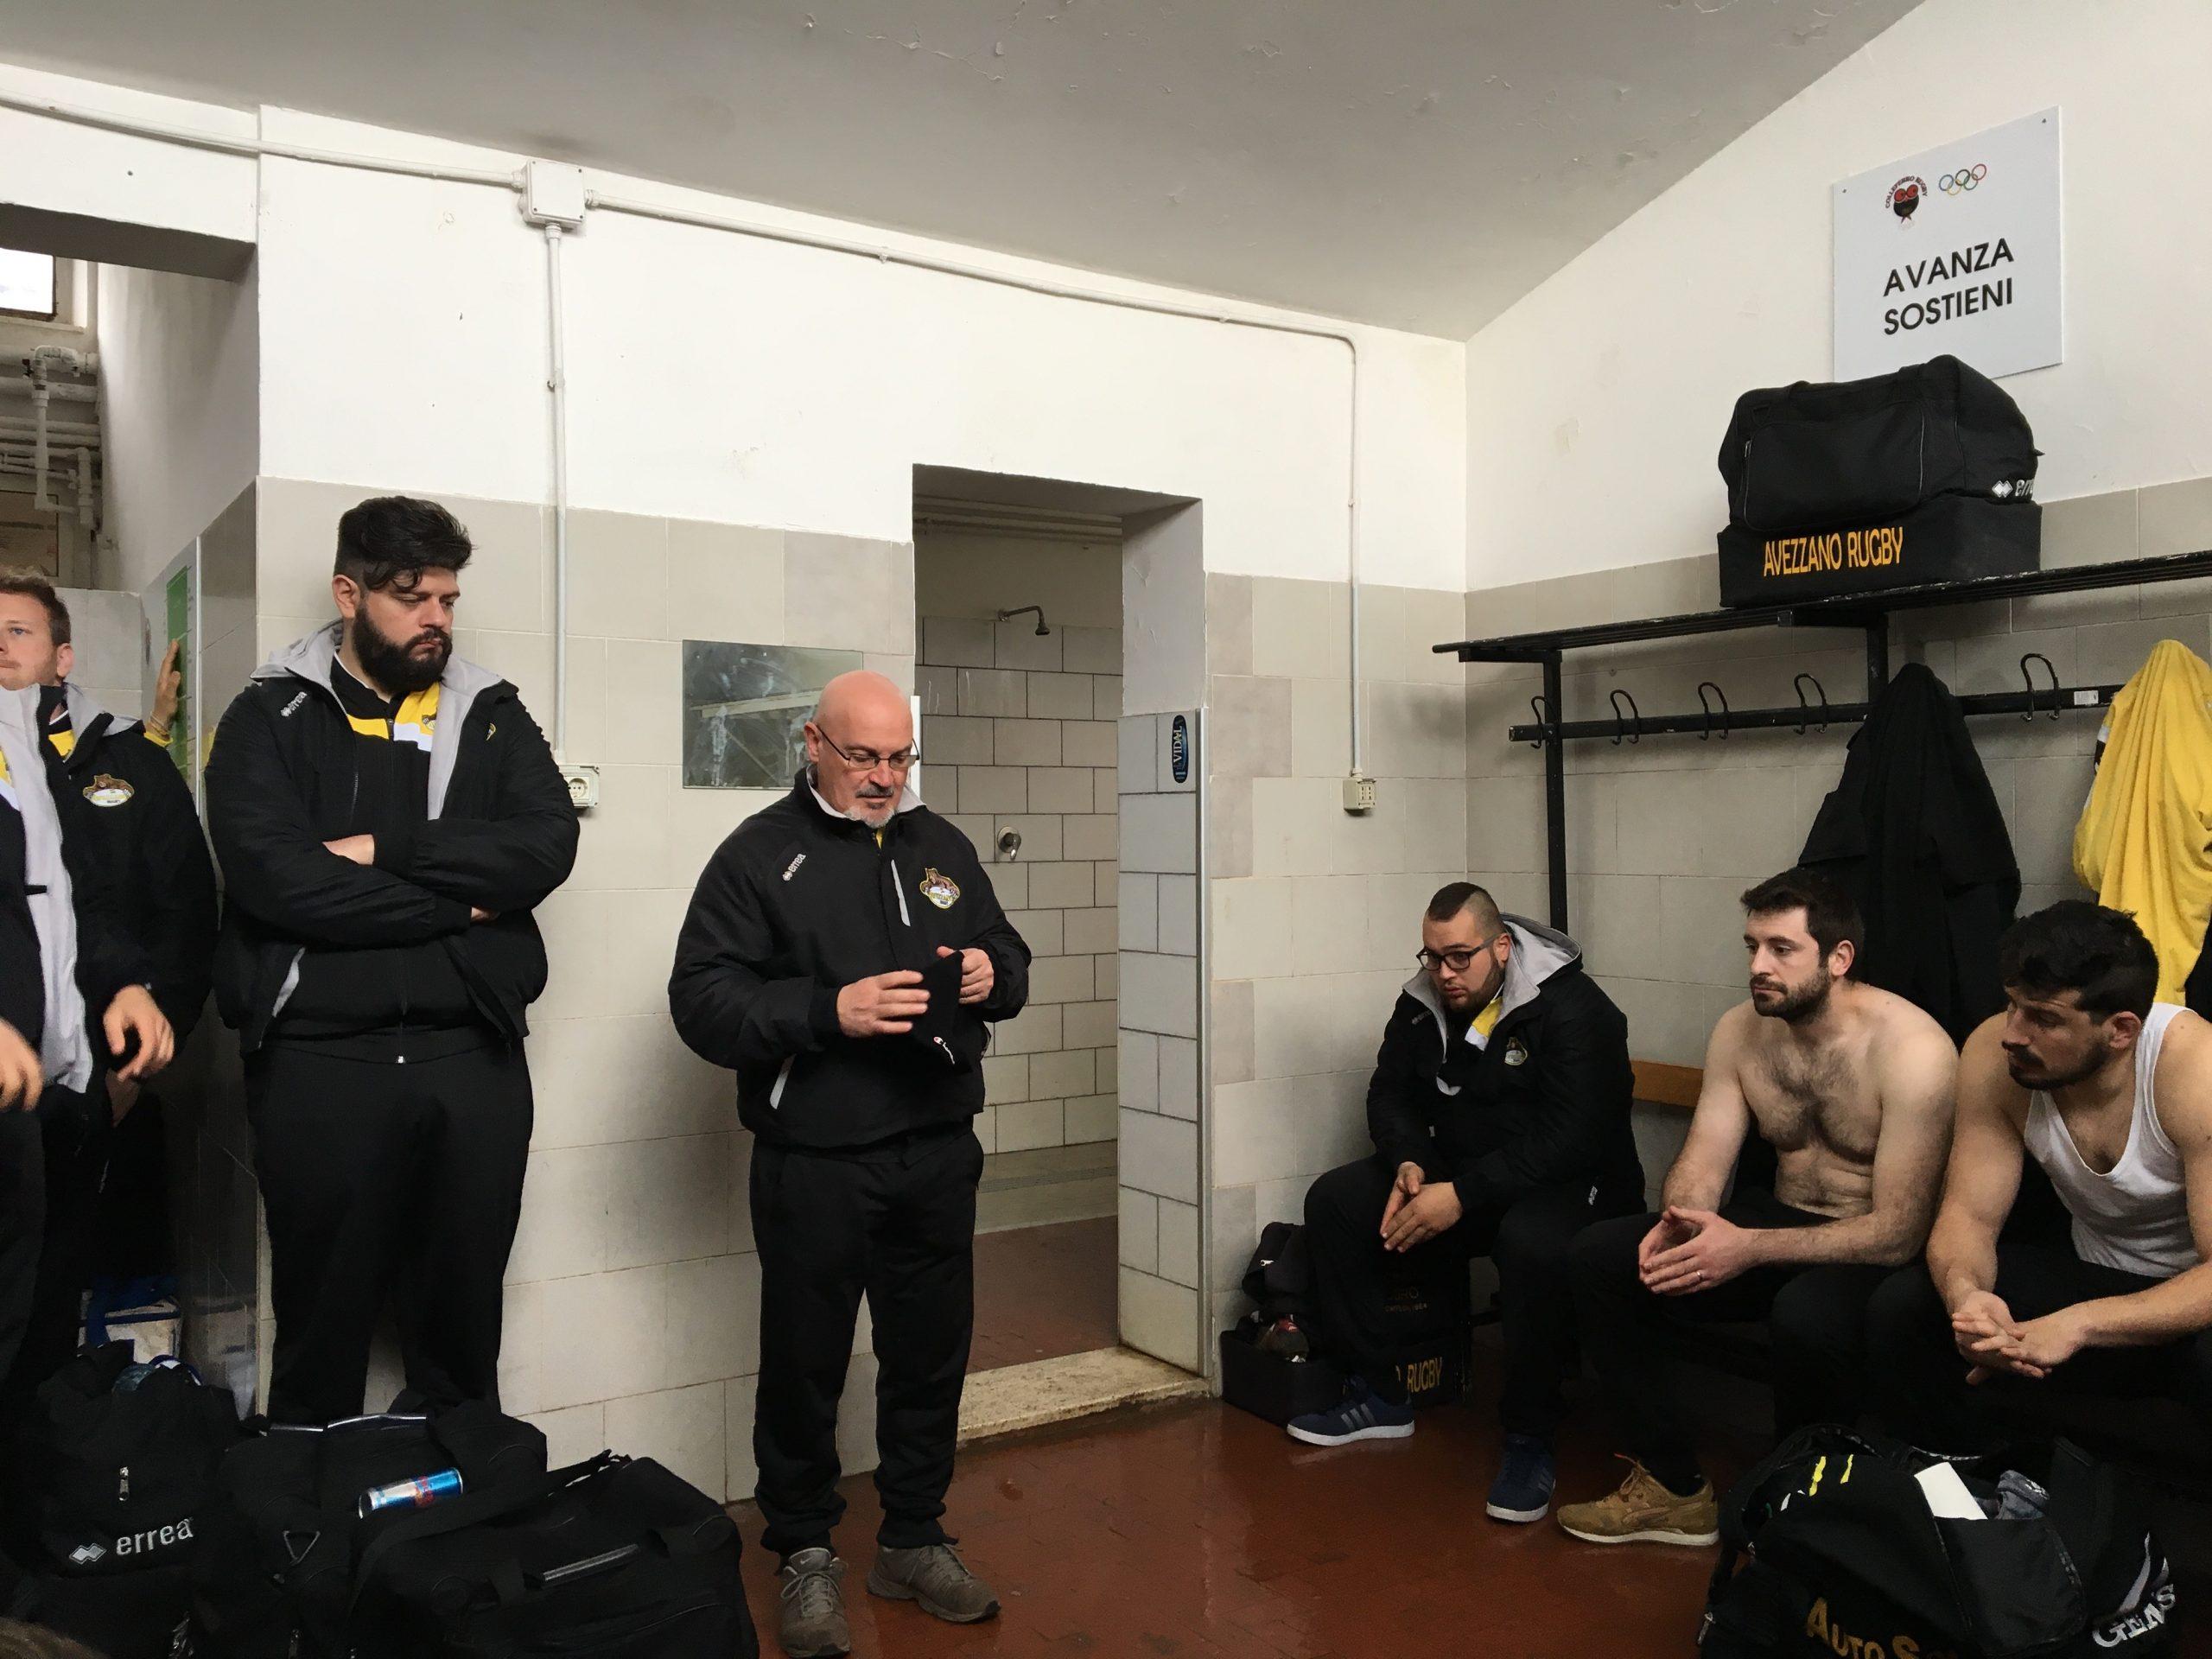 Seconda sconfitta consecutiva per l'Avezzano rugby che perde a Colleferro 20 a 5